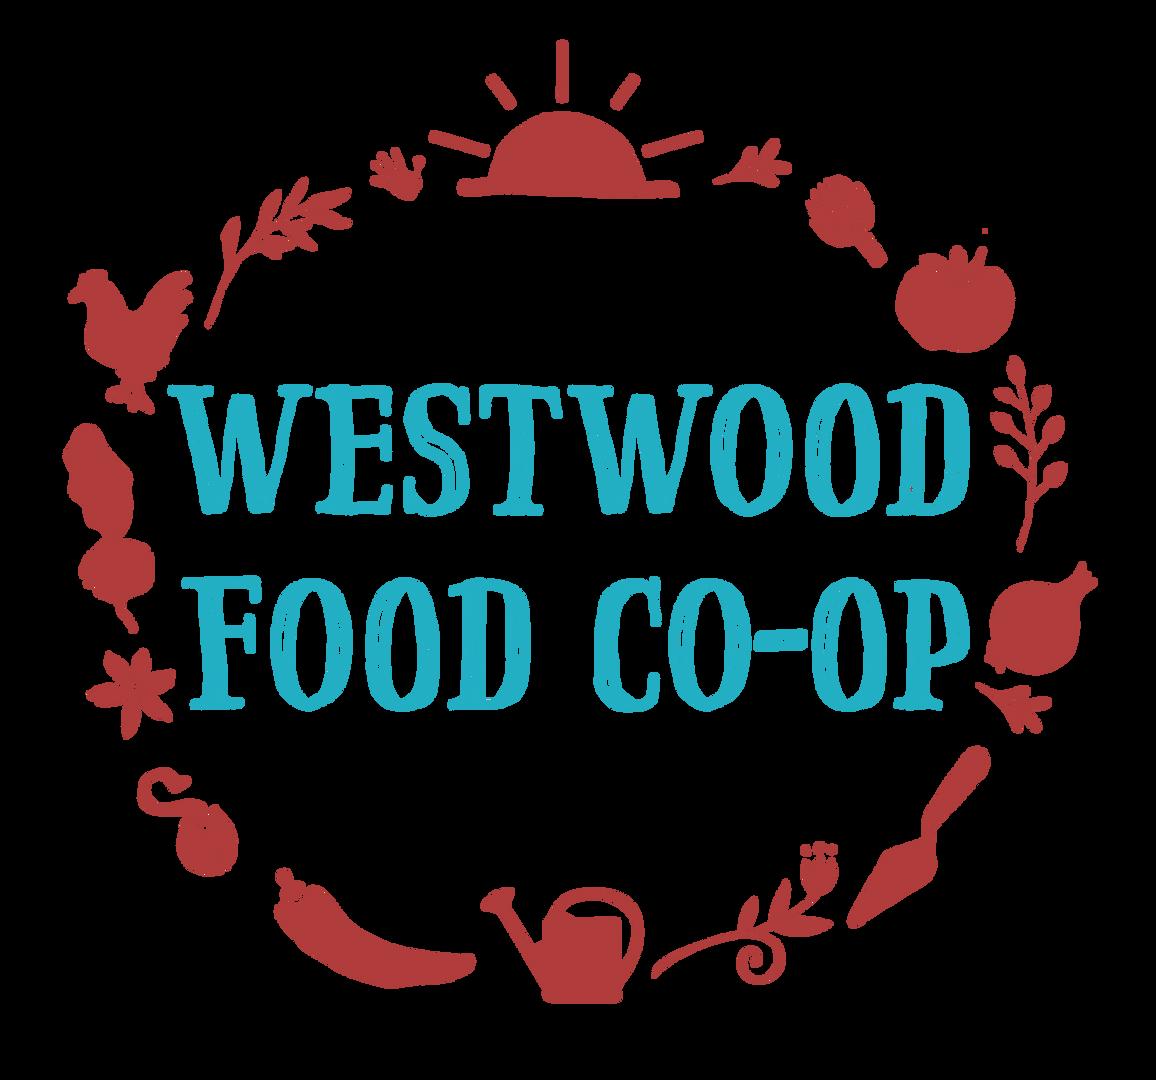 Westwood Food Co-Op